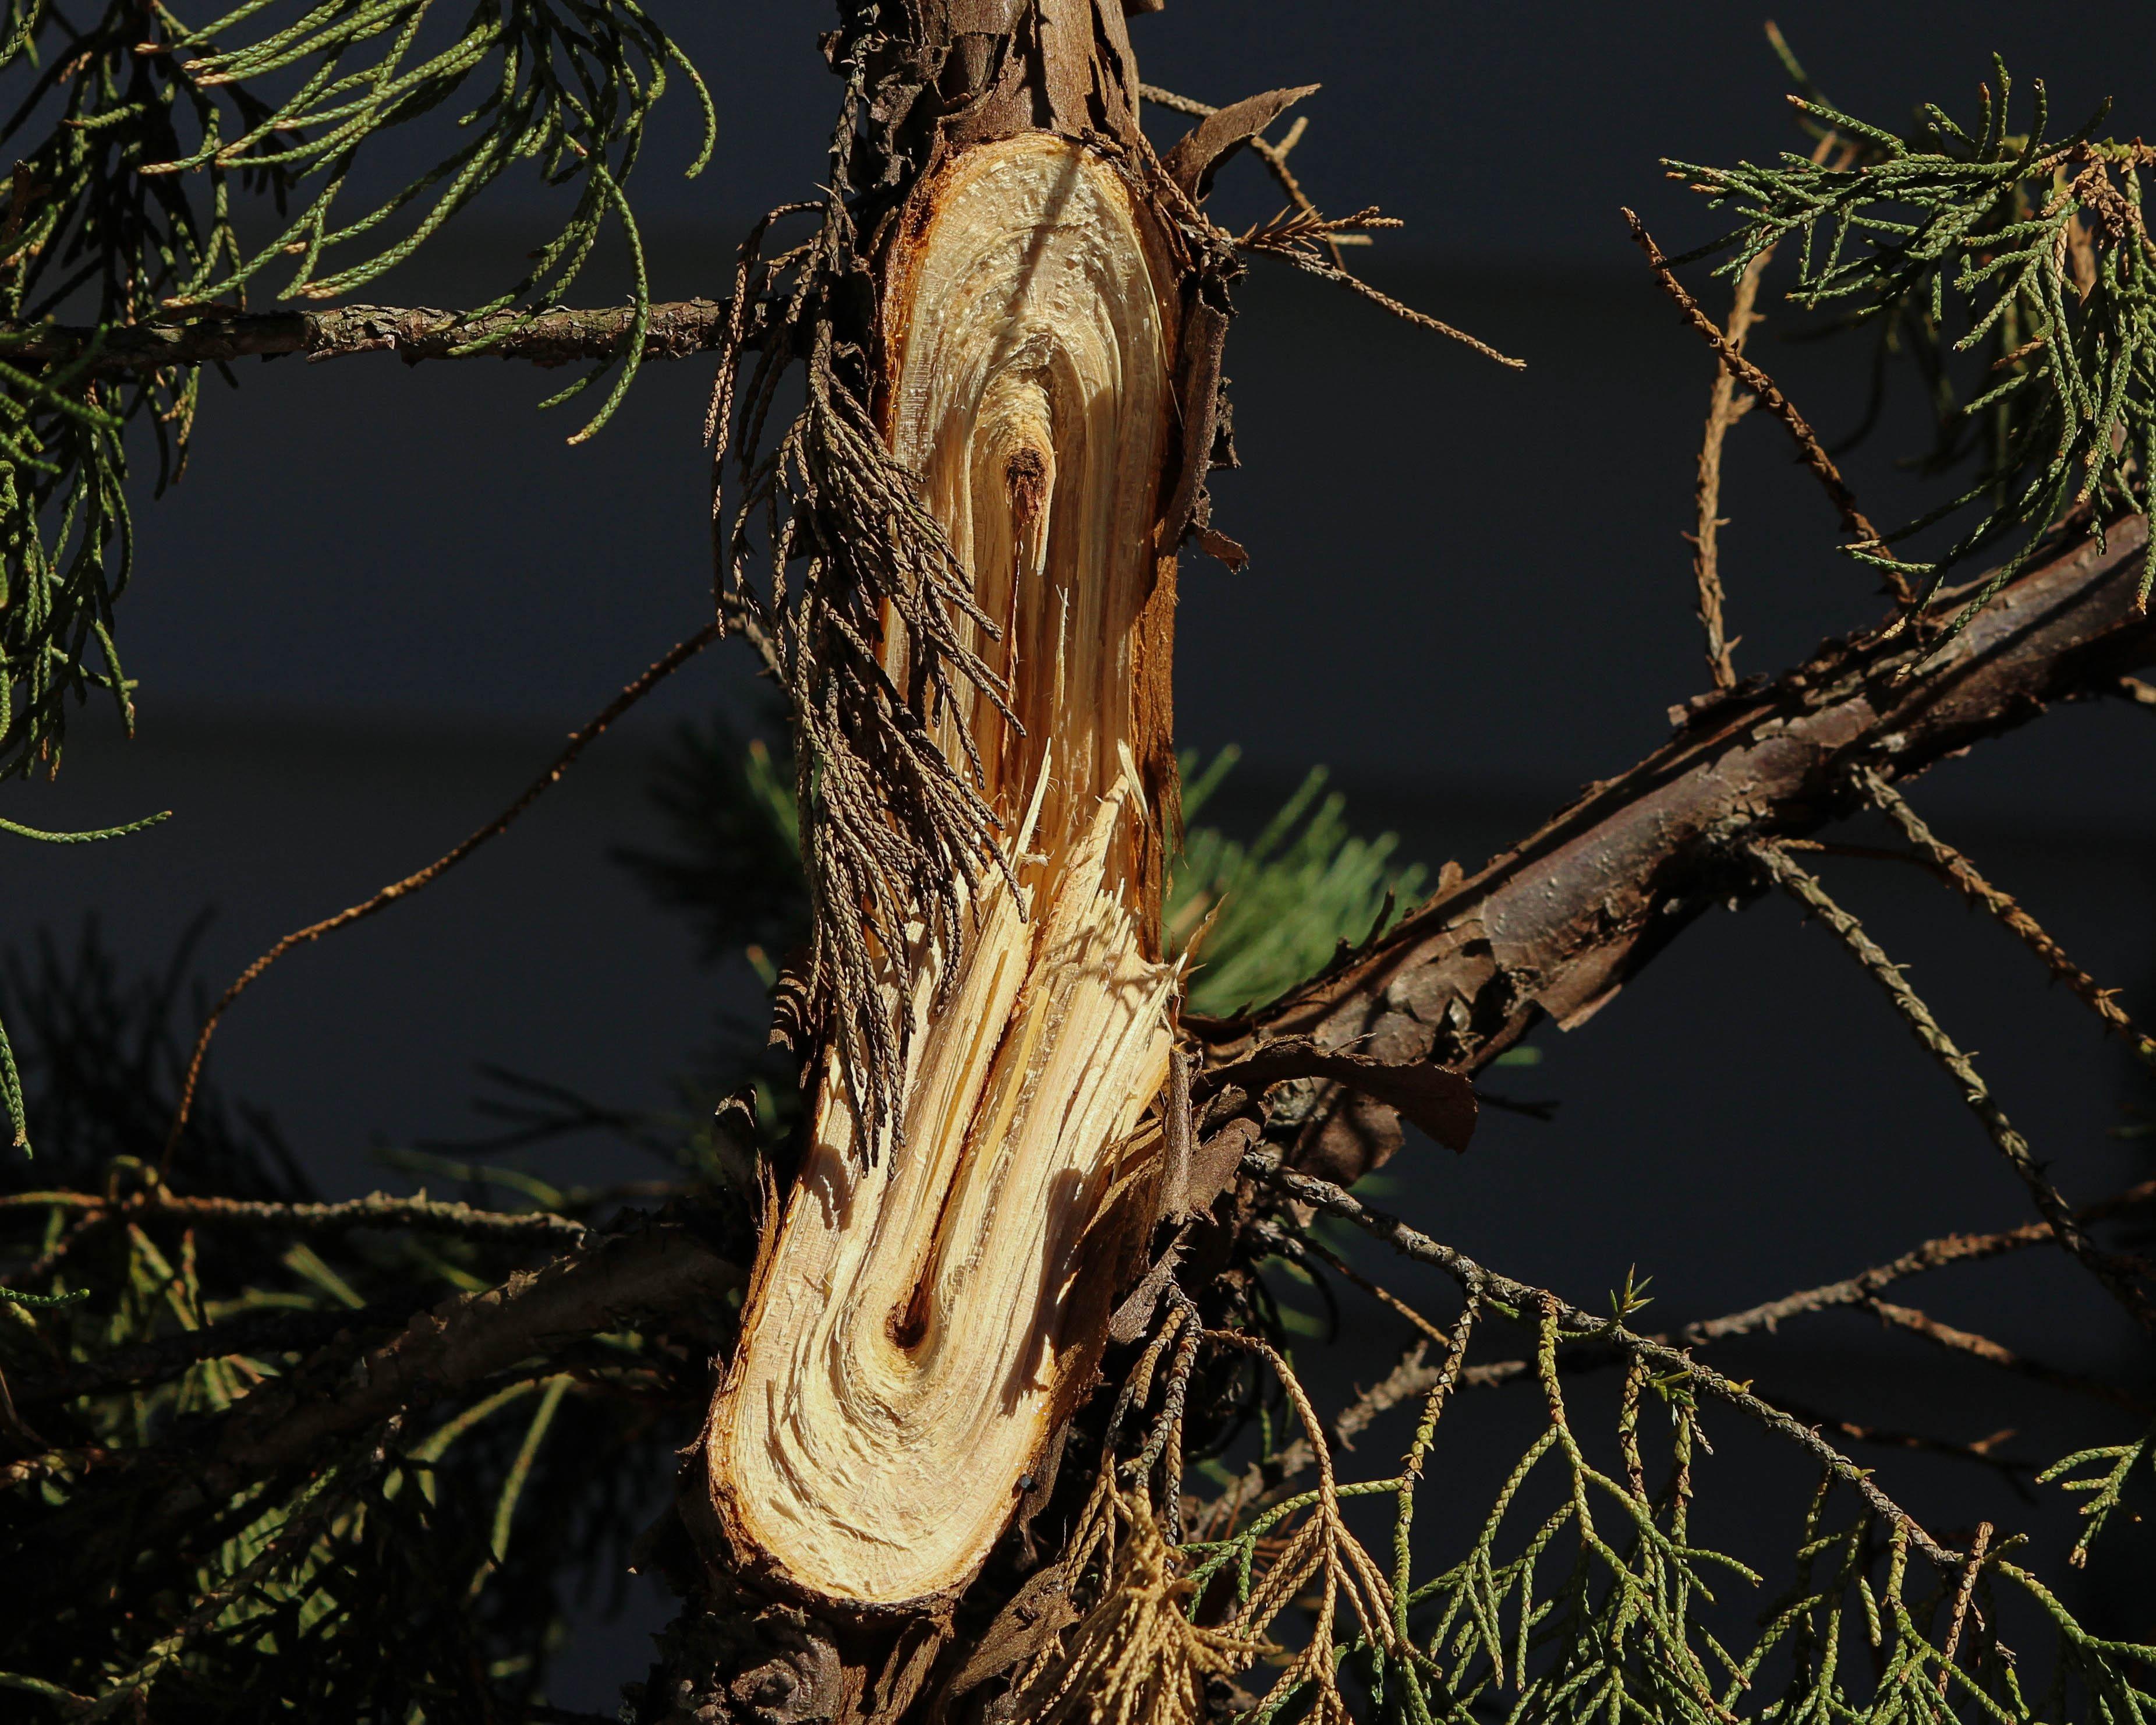 Kostenlose foto baum natur gras ast holz blatt - Peut on couper des branches du voisin ...